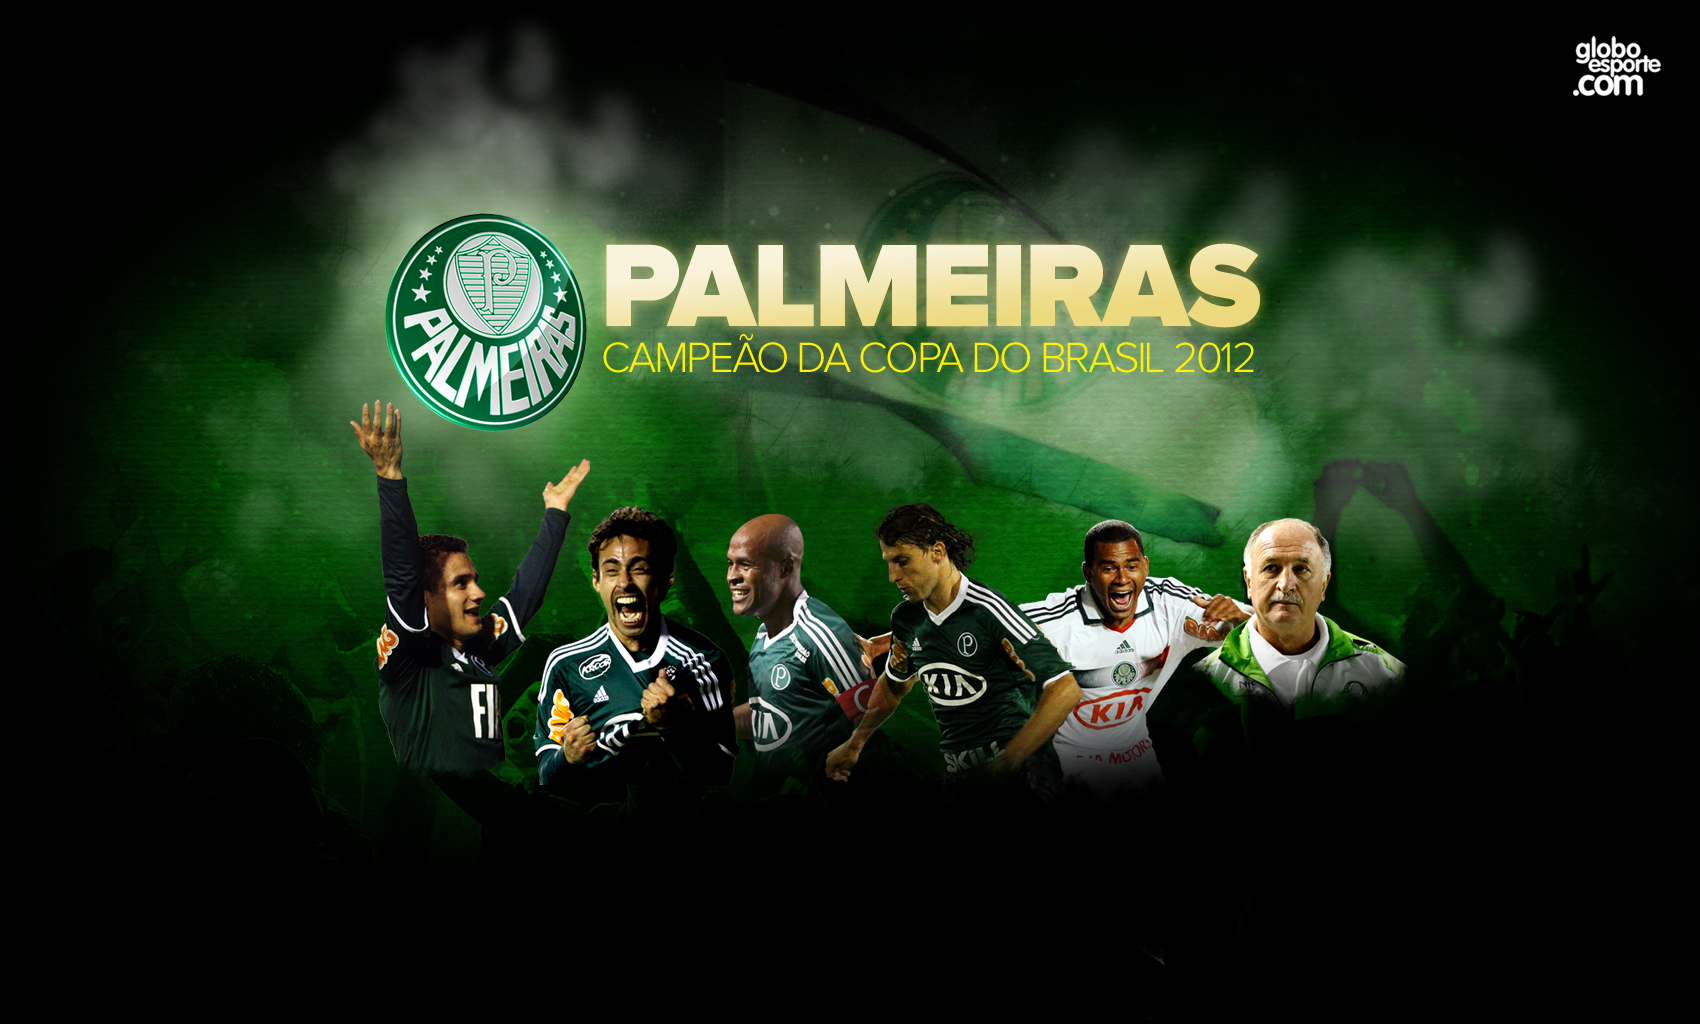 Wallpaper: Palmeiras Campeão da Copa do Brasil 2012 - 07